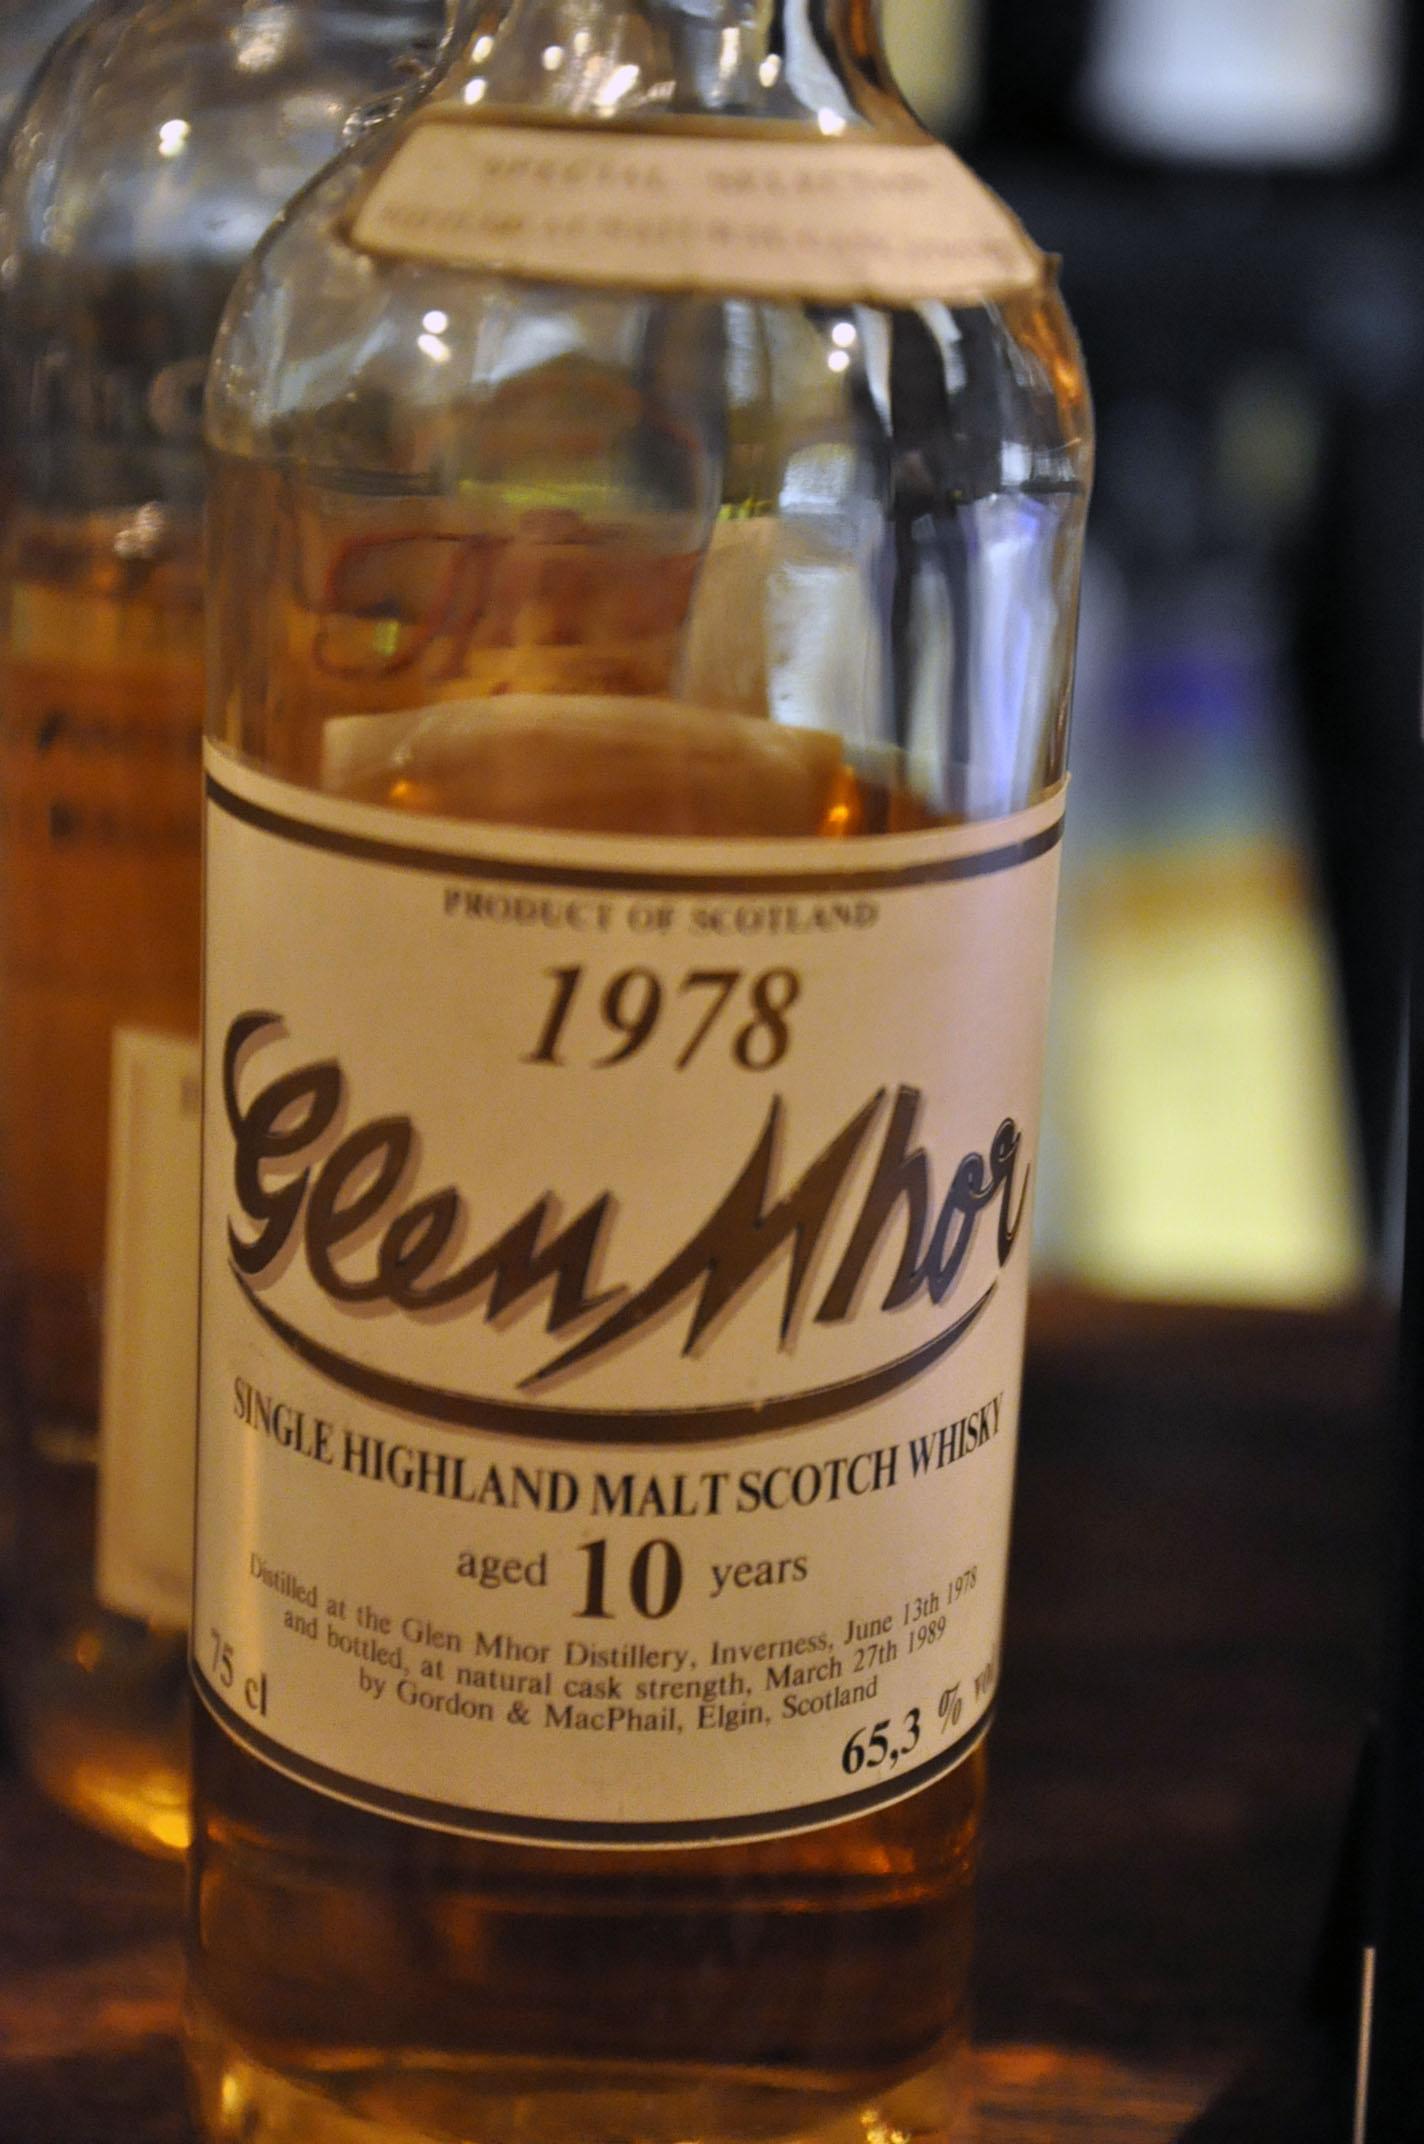 グレンモール Glen Mhor 10yo 1978/1989 (65.3%, G&M for Intertrade, 300bts, 75cl)